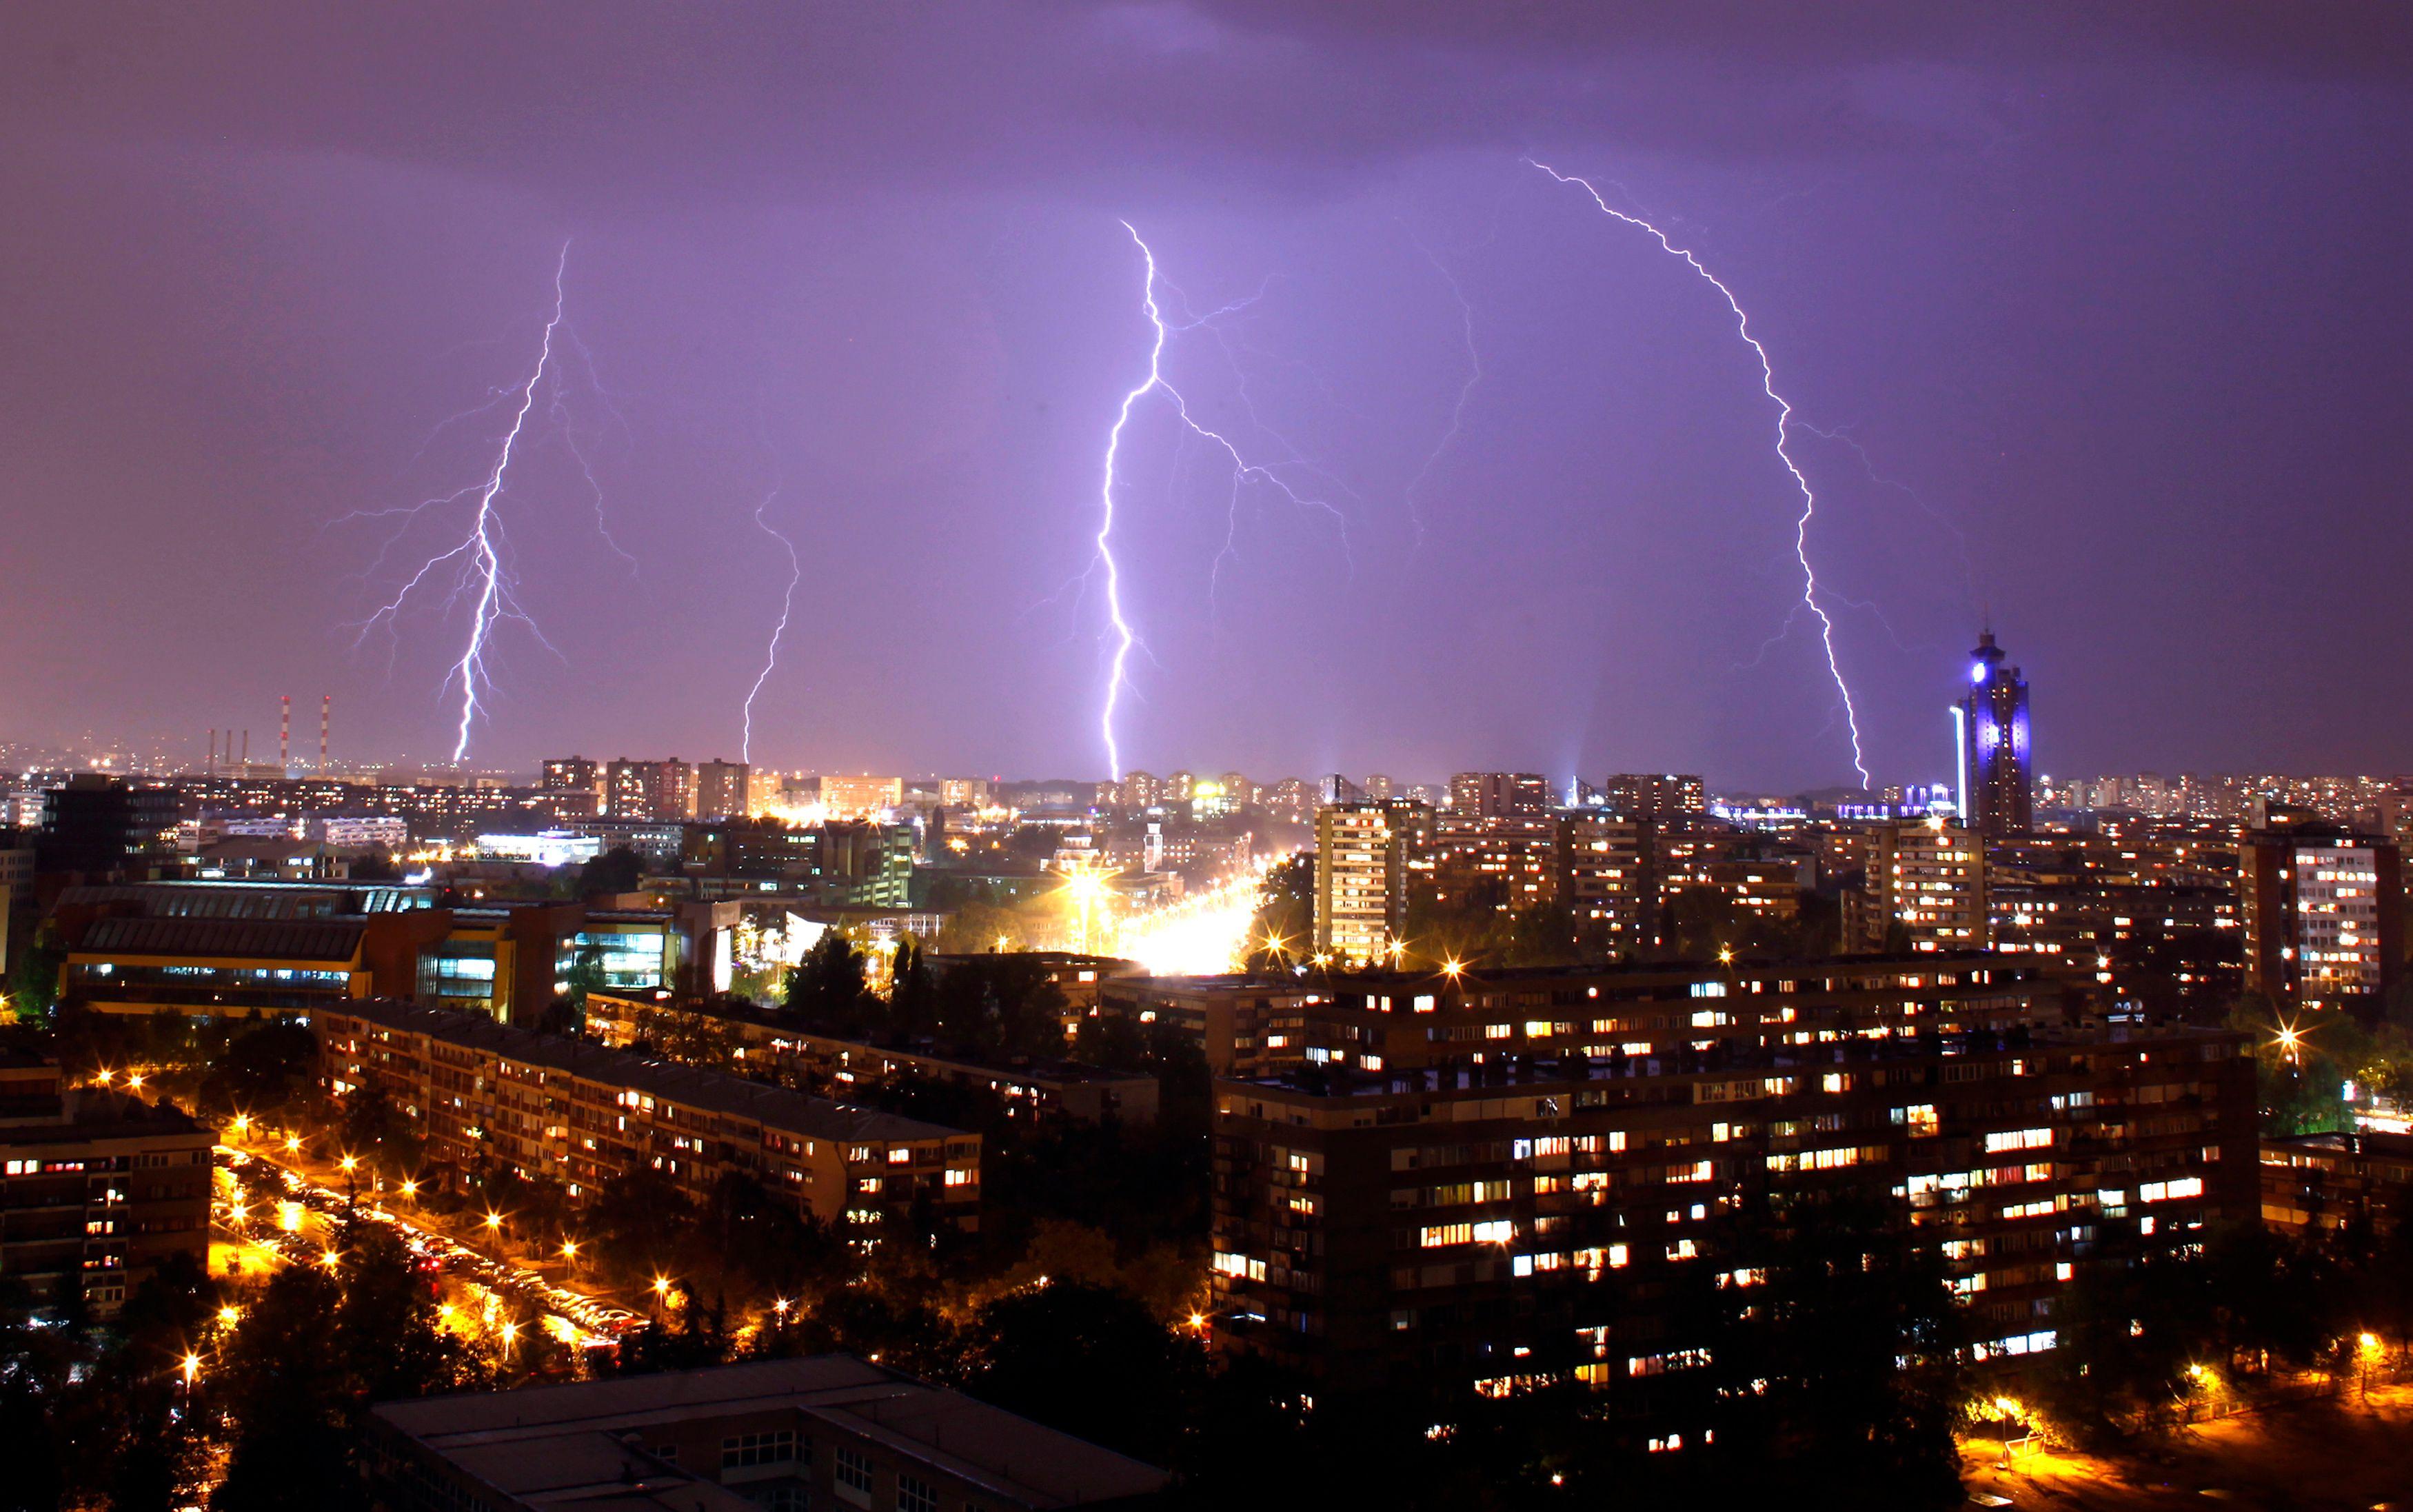 Météo France a place 32 départements en vigilance orange en raison des orages